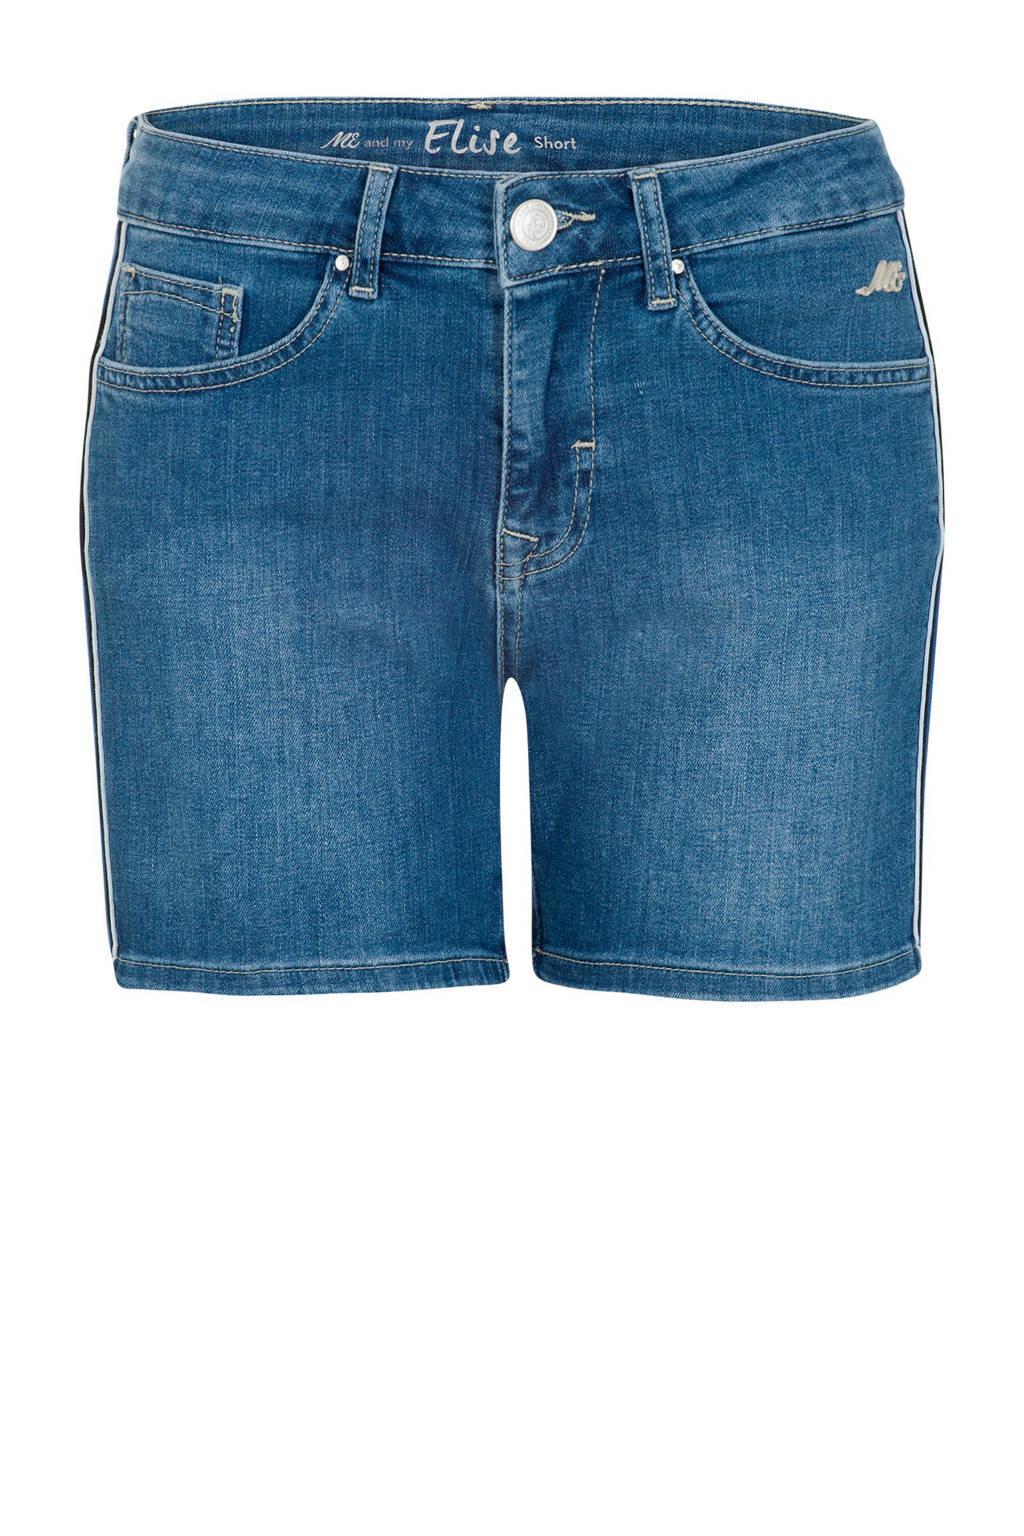 Miss Etam Regulier slim fit jeans short met zijstreep, Blauw